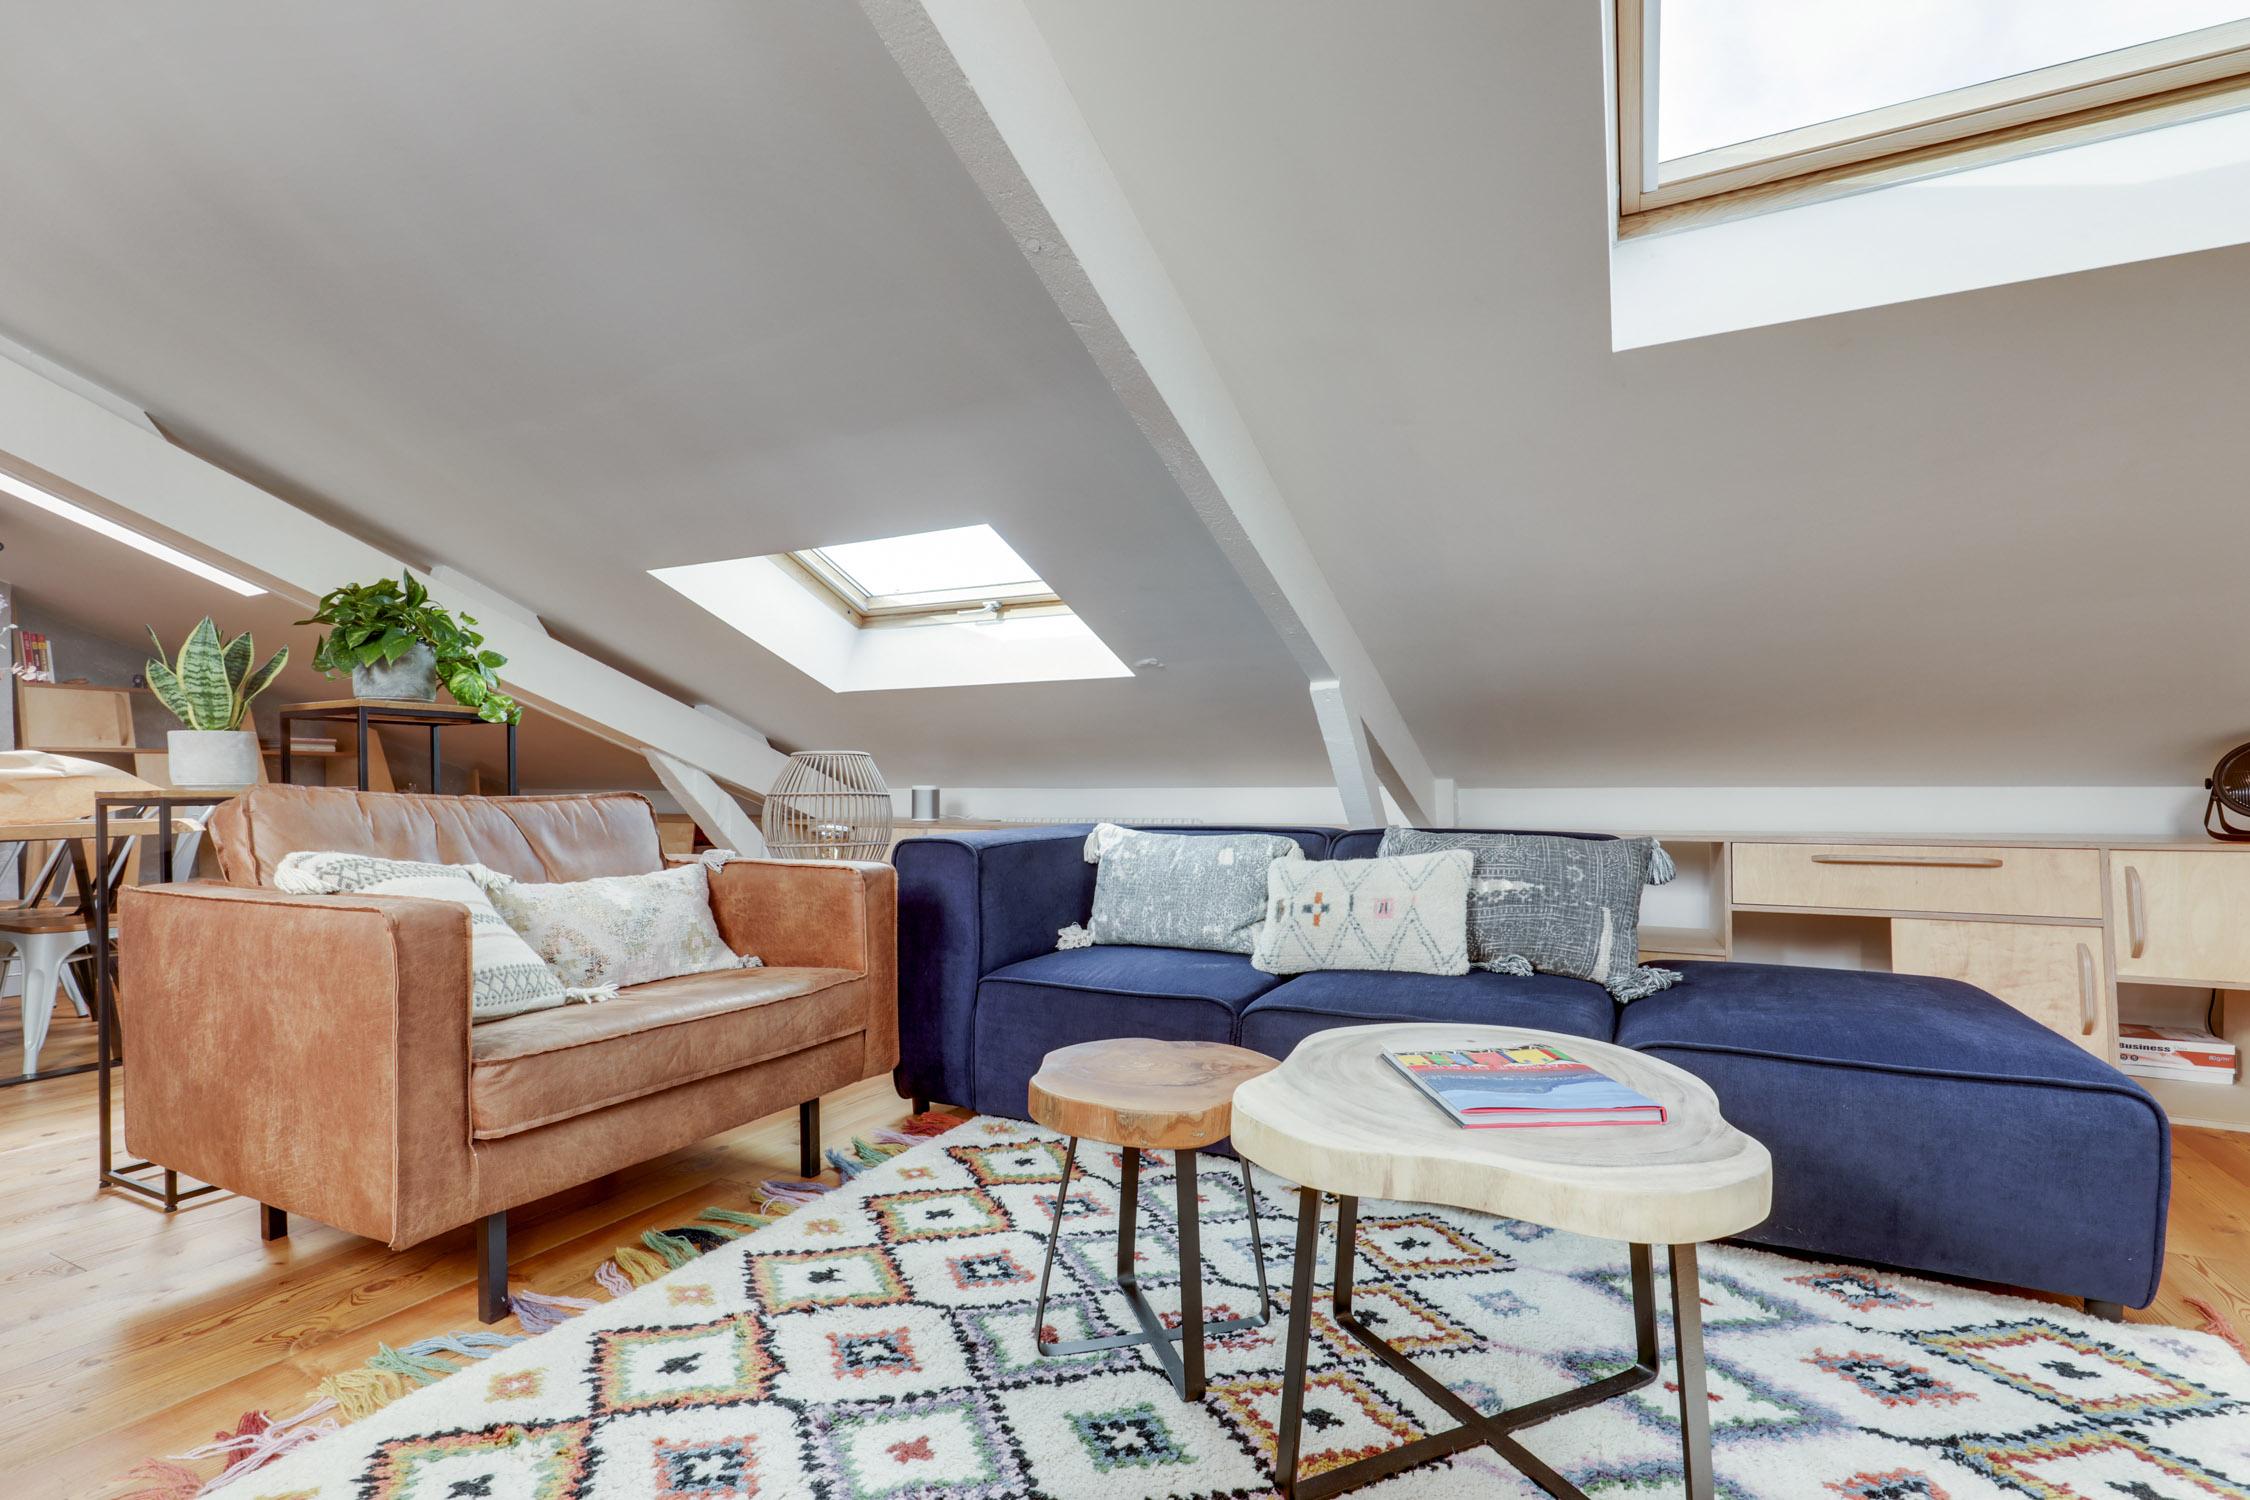 Rénovation - sous les combles - salon séjour - architecte d'intérieur - murs et merveilles